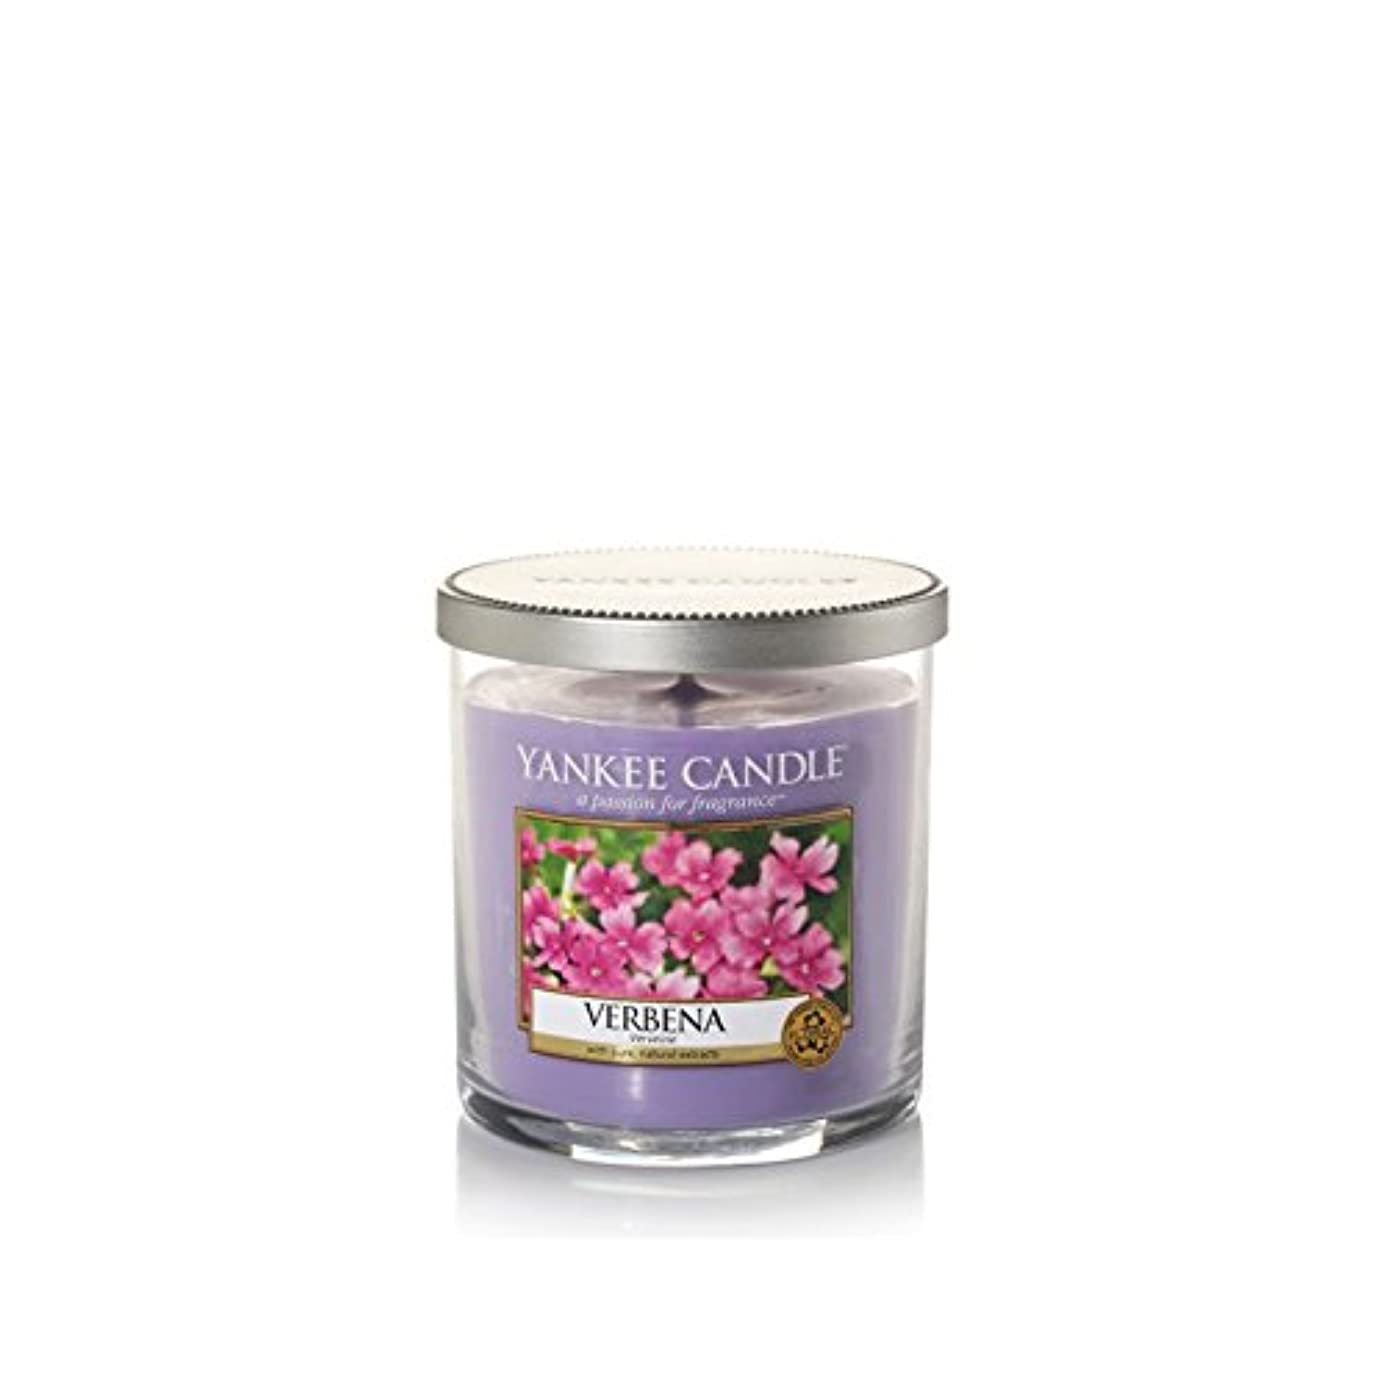 批判的ビジター賠償Yankee Candles Small Pillar Candle - Verbena (Pack of 6) - ヤンキーキャンドルの小さな柱キャンドル - バーベナ (x6) [並行輸入品]